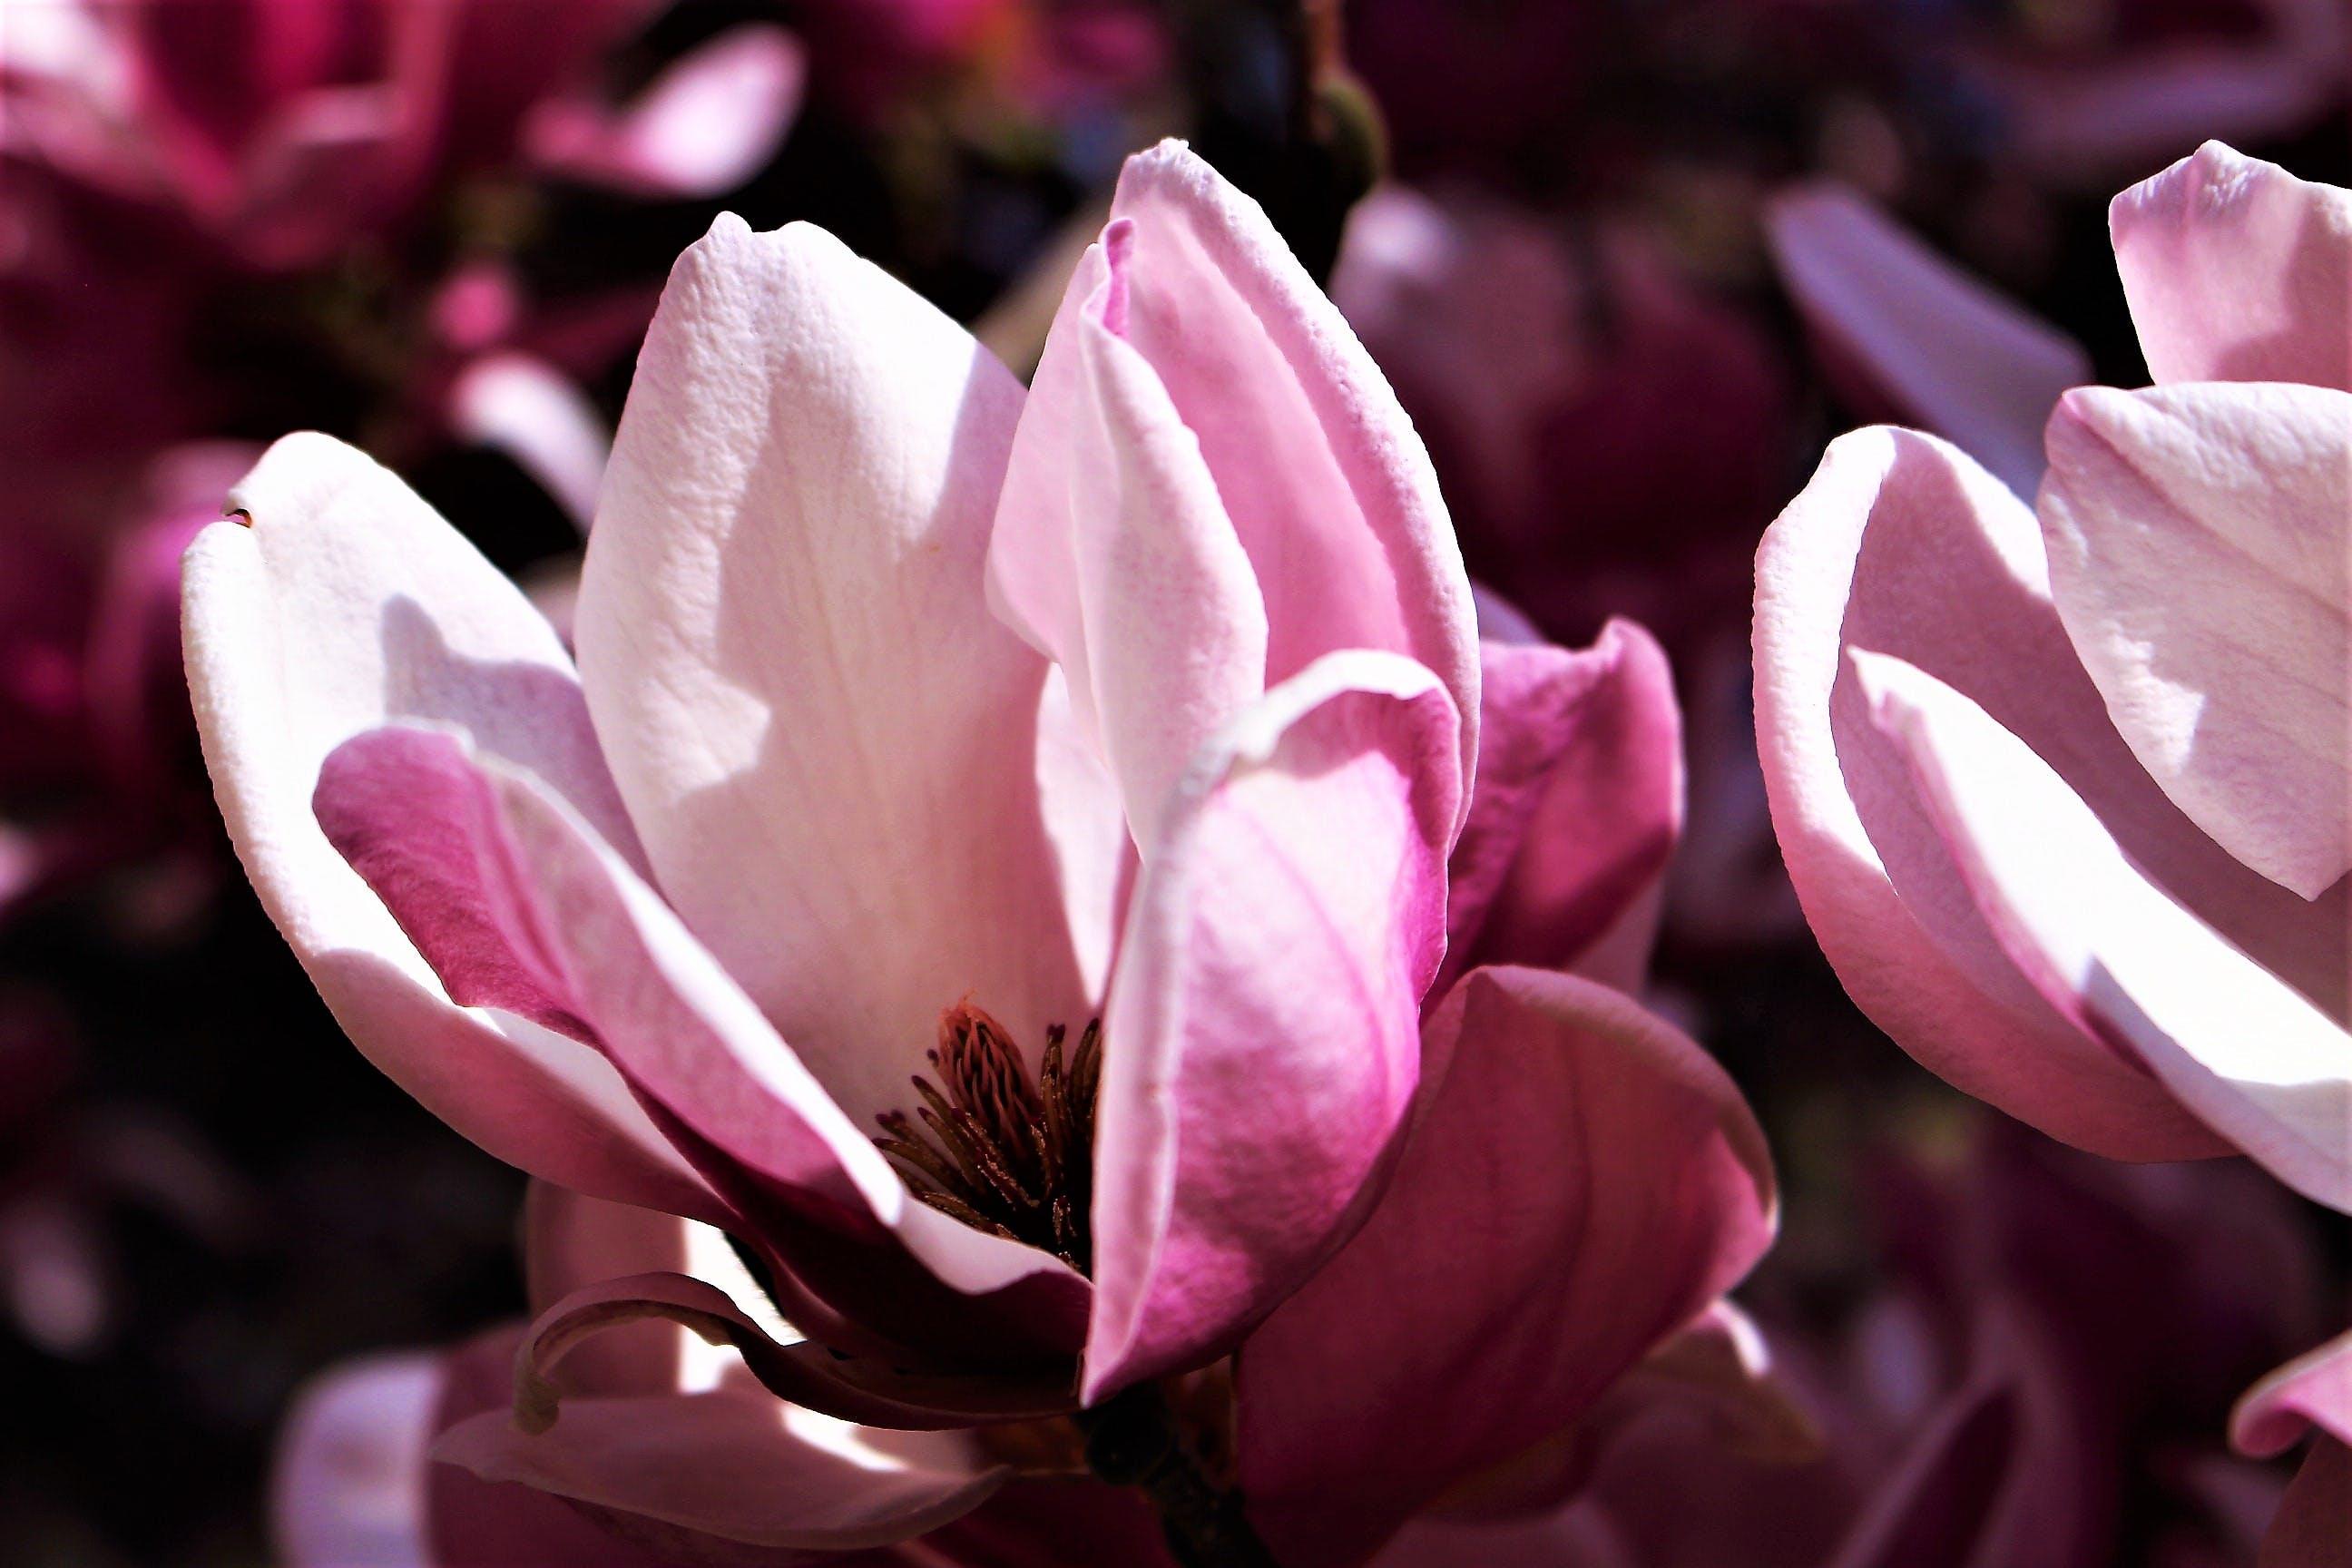 Δωρεάν στοκ φωτογραφιών με λουλούδι ανθίσει, ροζ λουλούδι, φύση